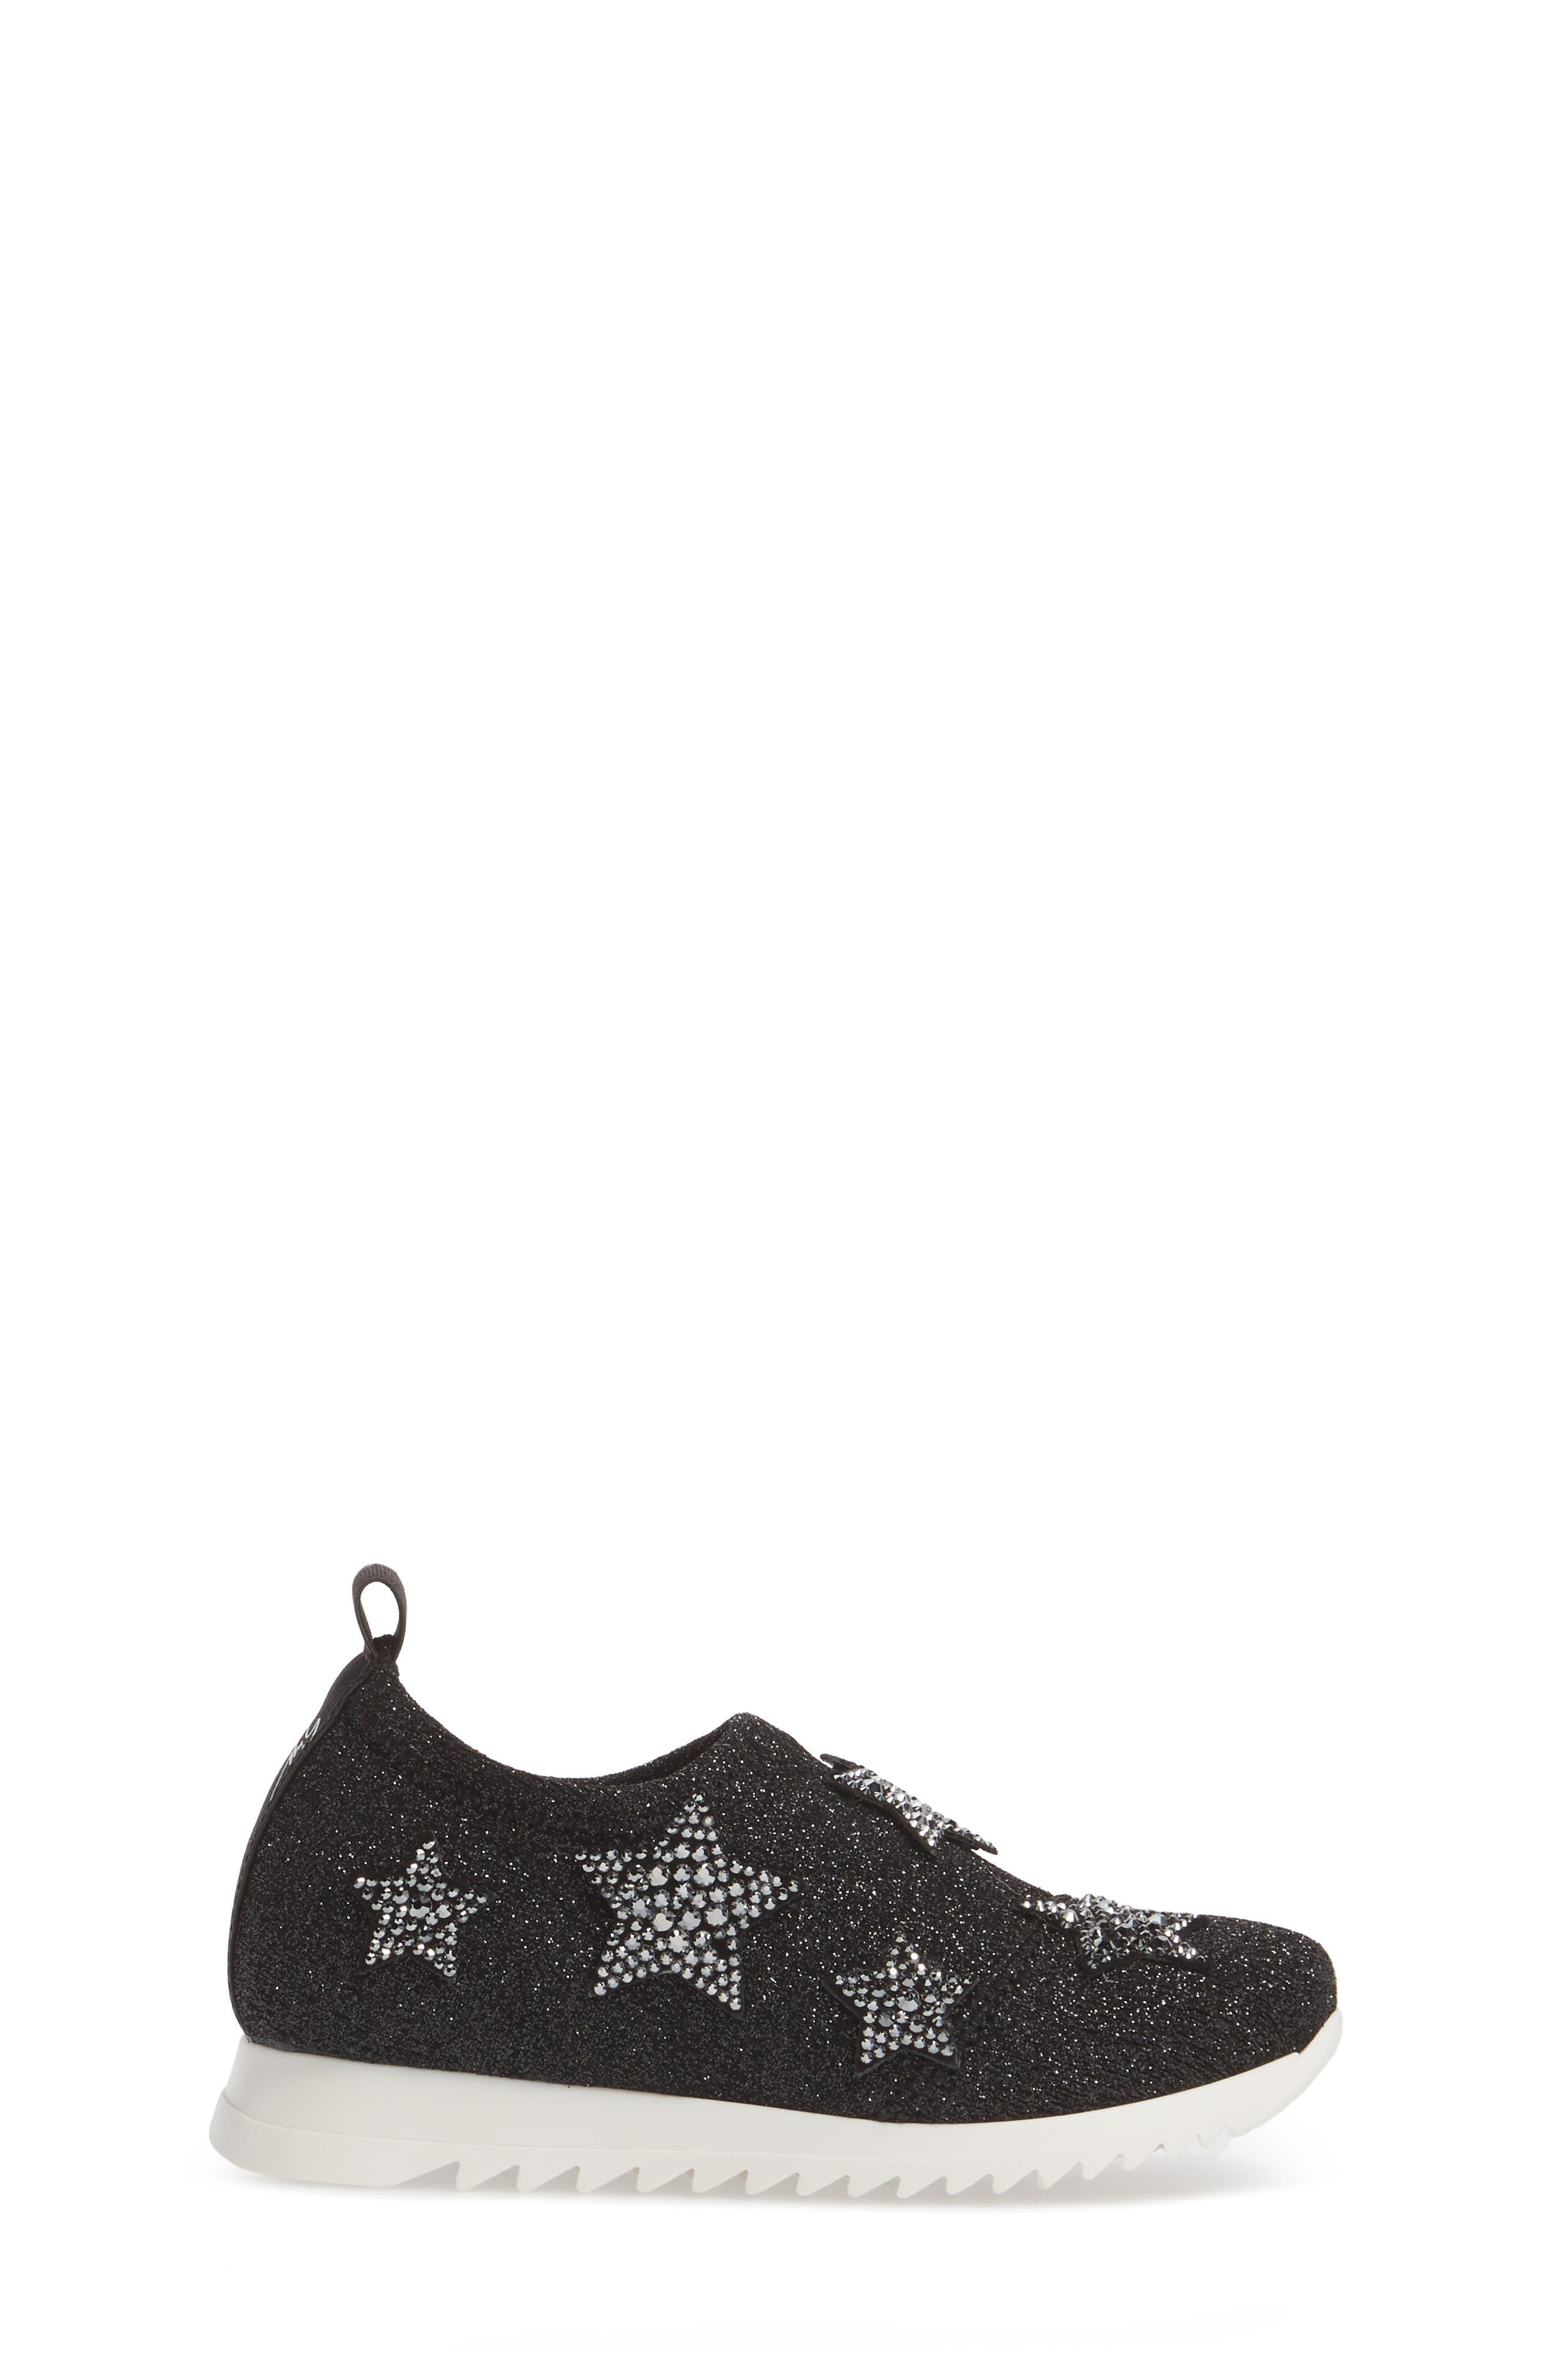 Natalie Star Glitter Slip-On Sneaker,                             Alternate thumbnail 3, color,                             Black